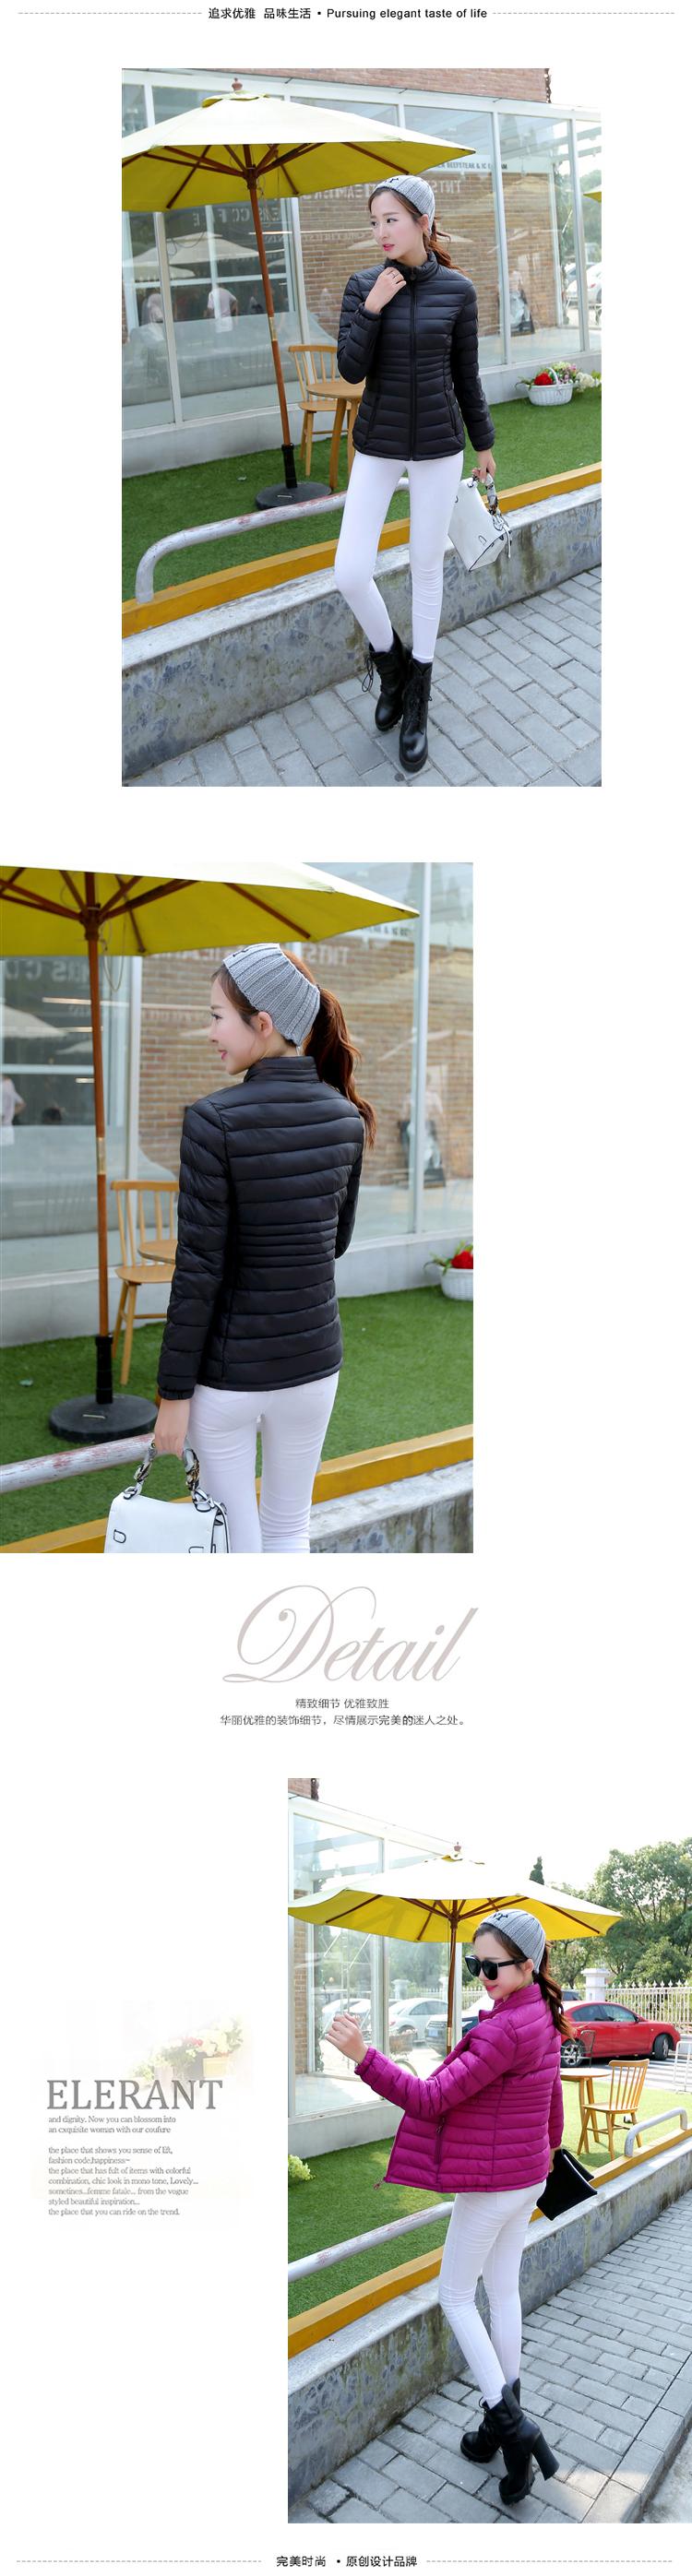 Kadın kış ceket/sıcak ceket İnce tipi Çevirmek aşağı yaka Düzenli kol moda casual Stil yastıklı kış ceketler wt0071